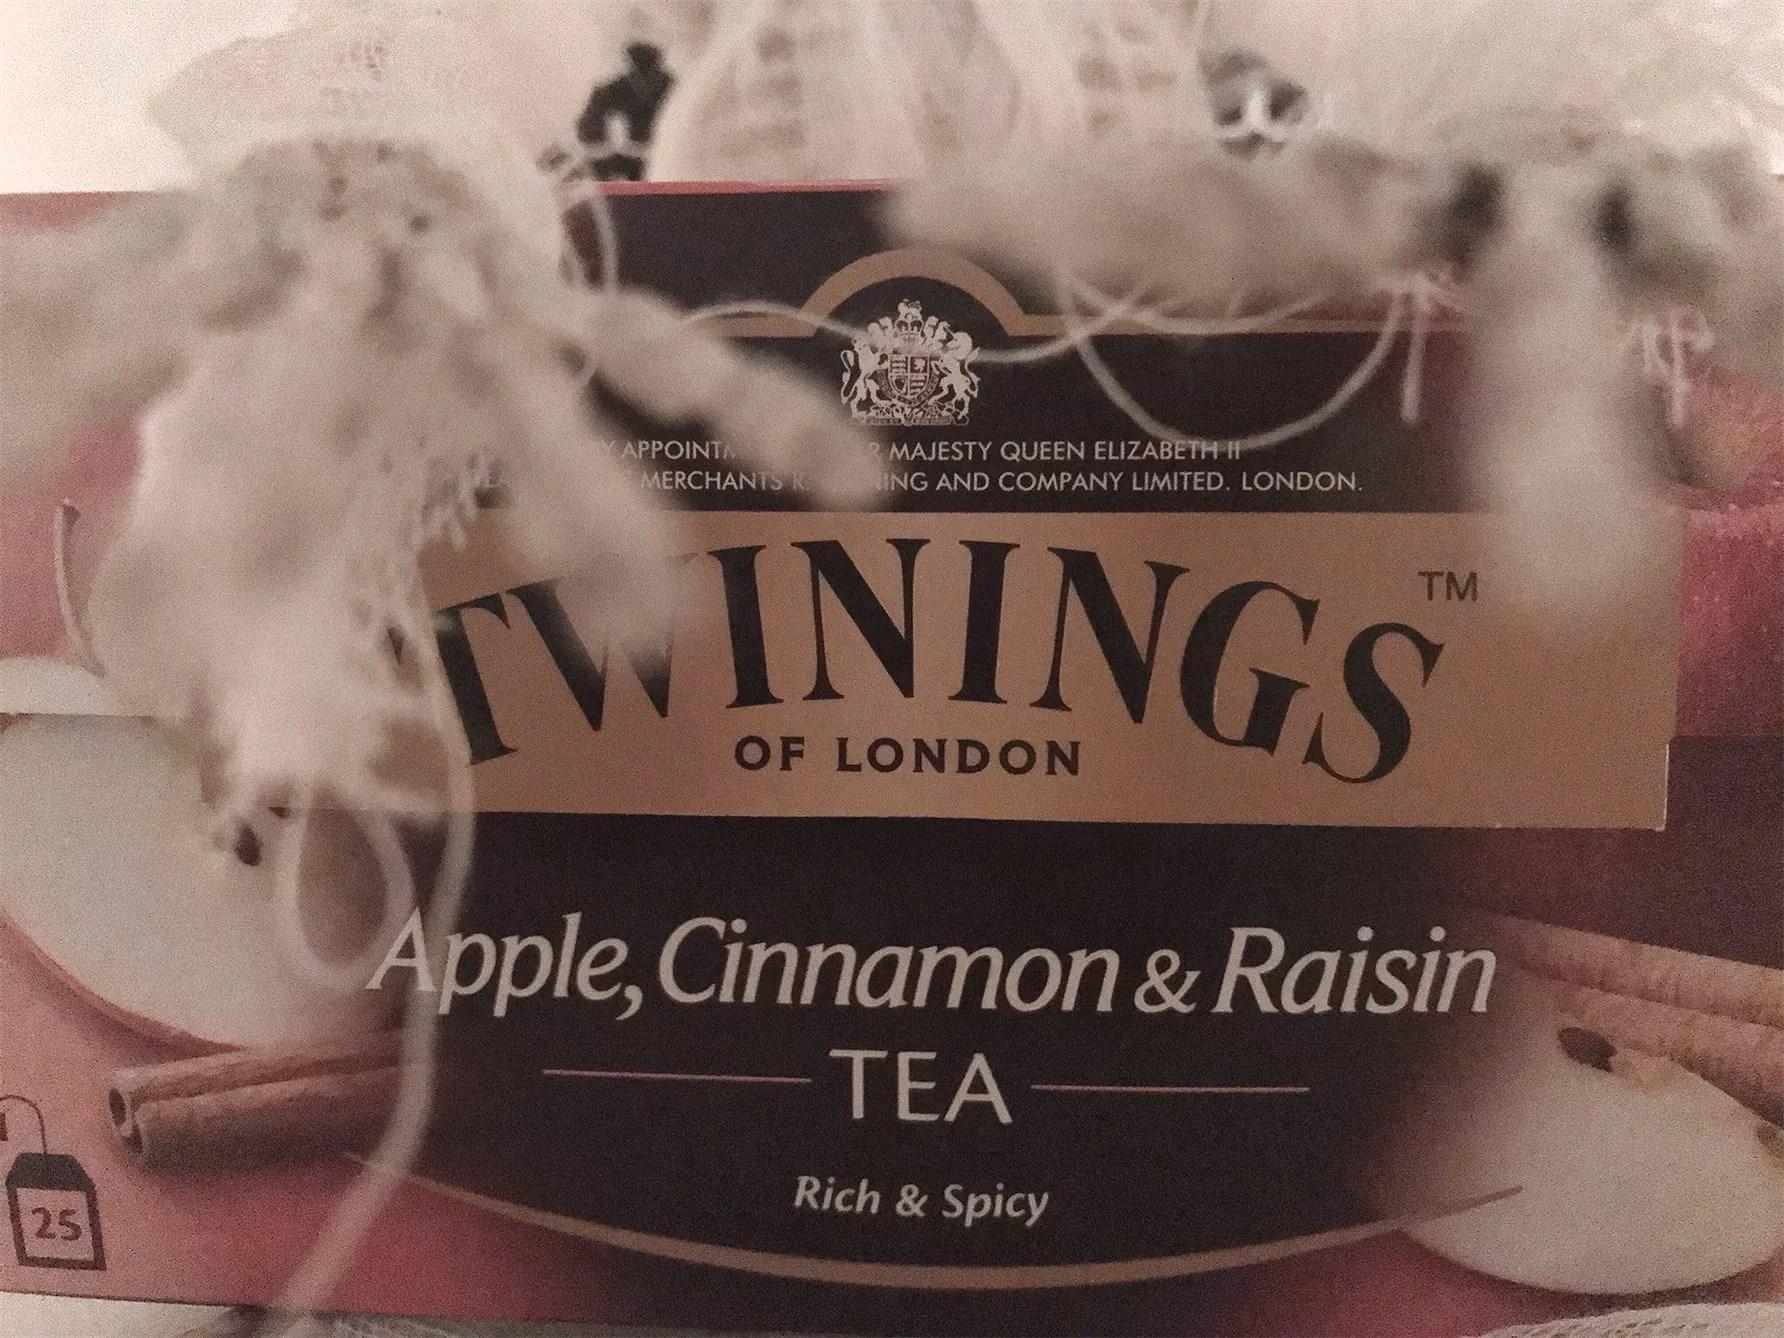 Gott te och ett gott skratt!